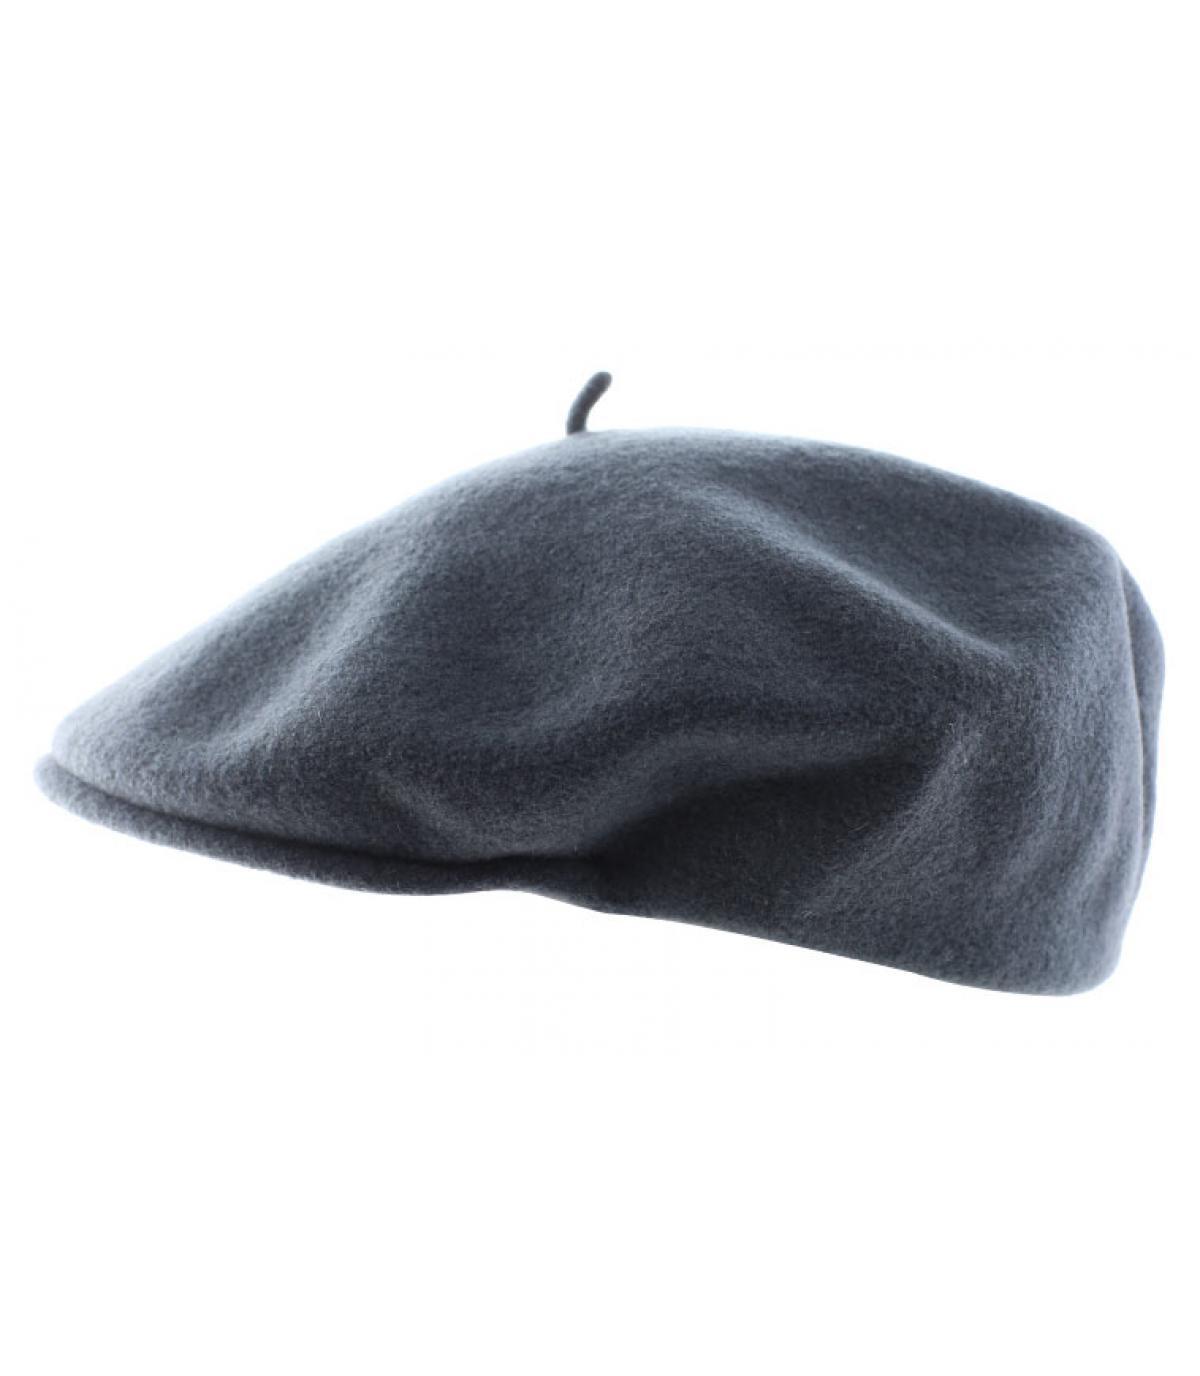 pico de pato Laulhère boina gris